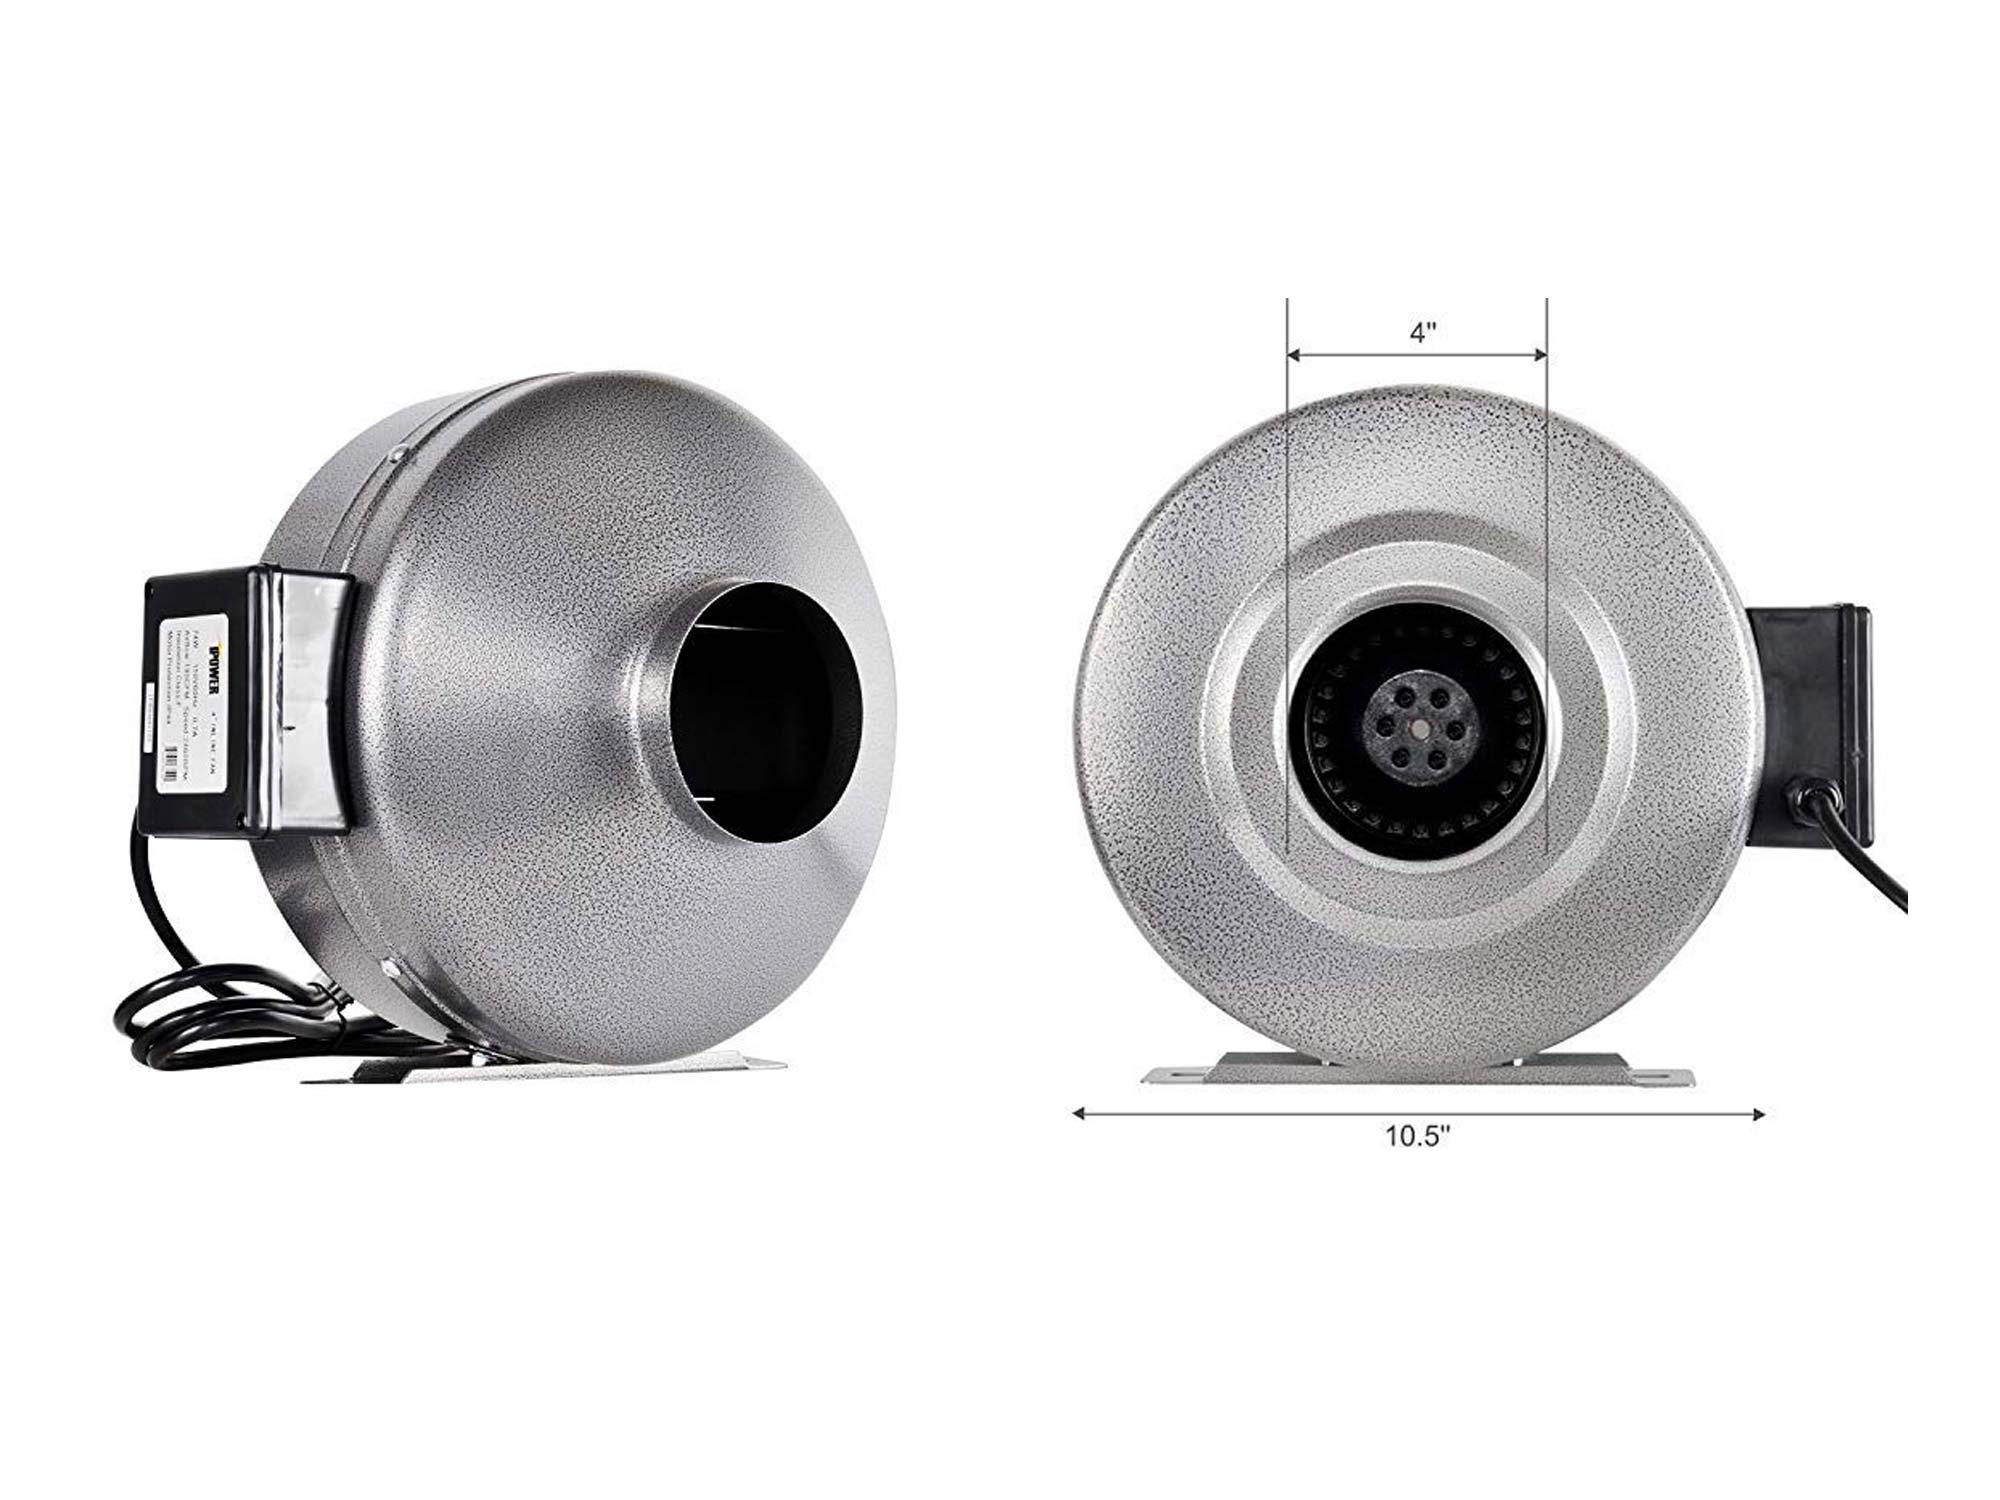 silver blower fan by ipower